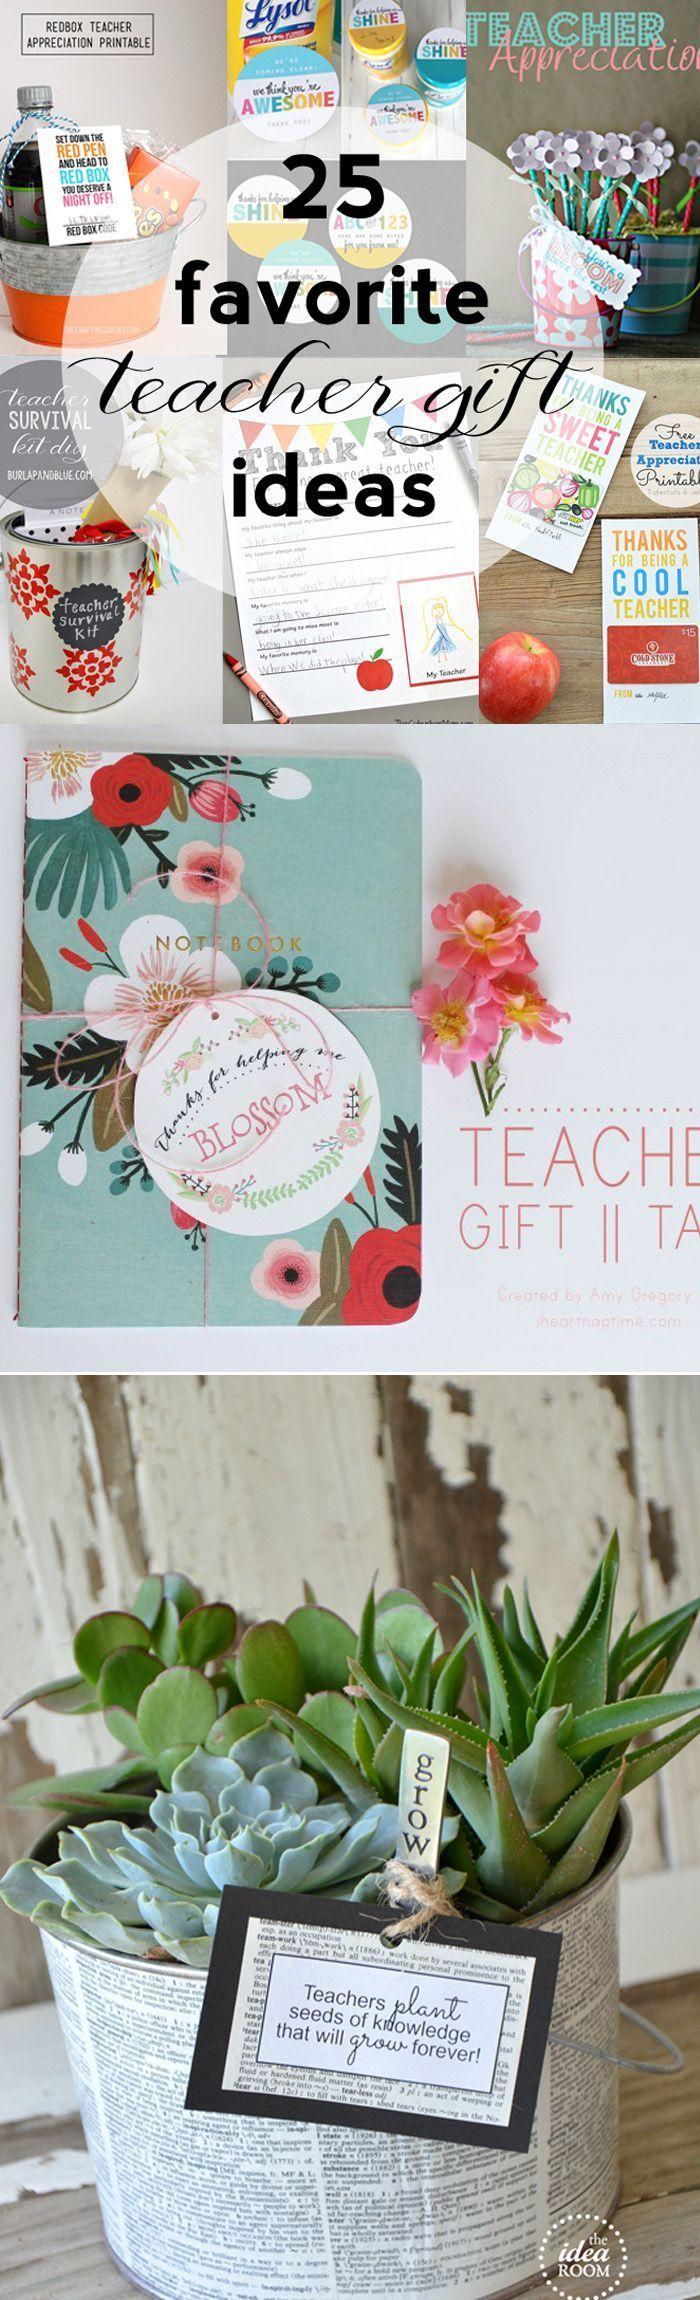 25 of the best teacher gift ideas   DIY Gifts   Pinterest   Teacher ...